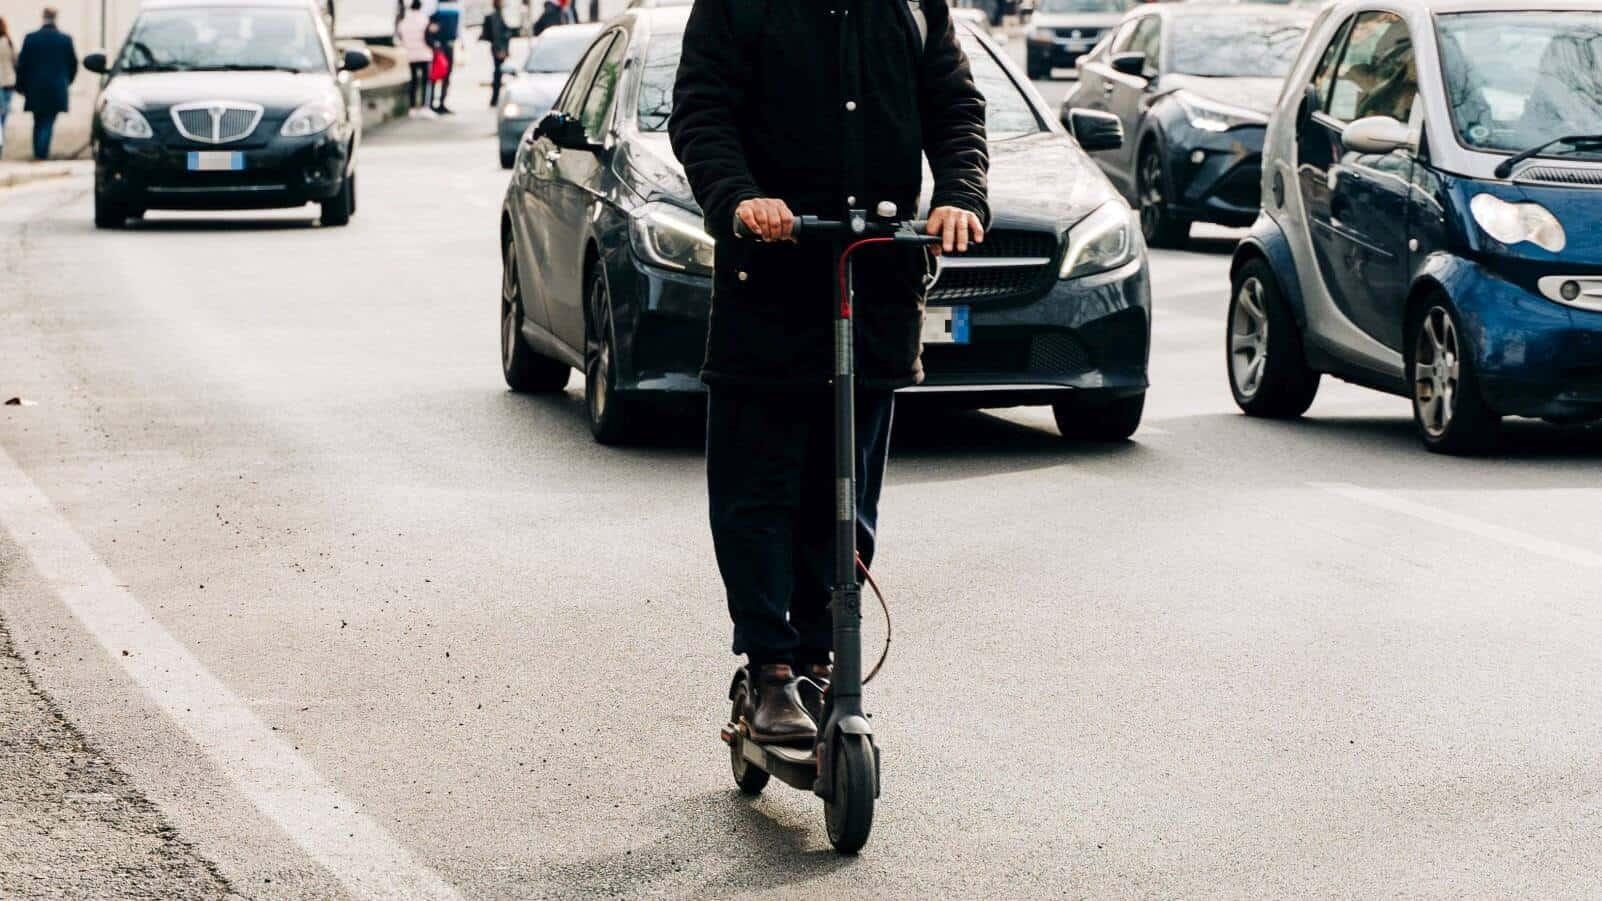 Użytkownik elektrycznej hulajnogi ma prawo jechać po jezdni